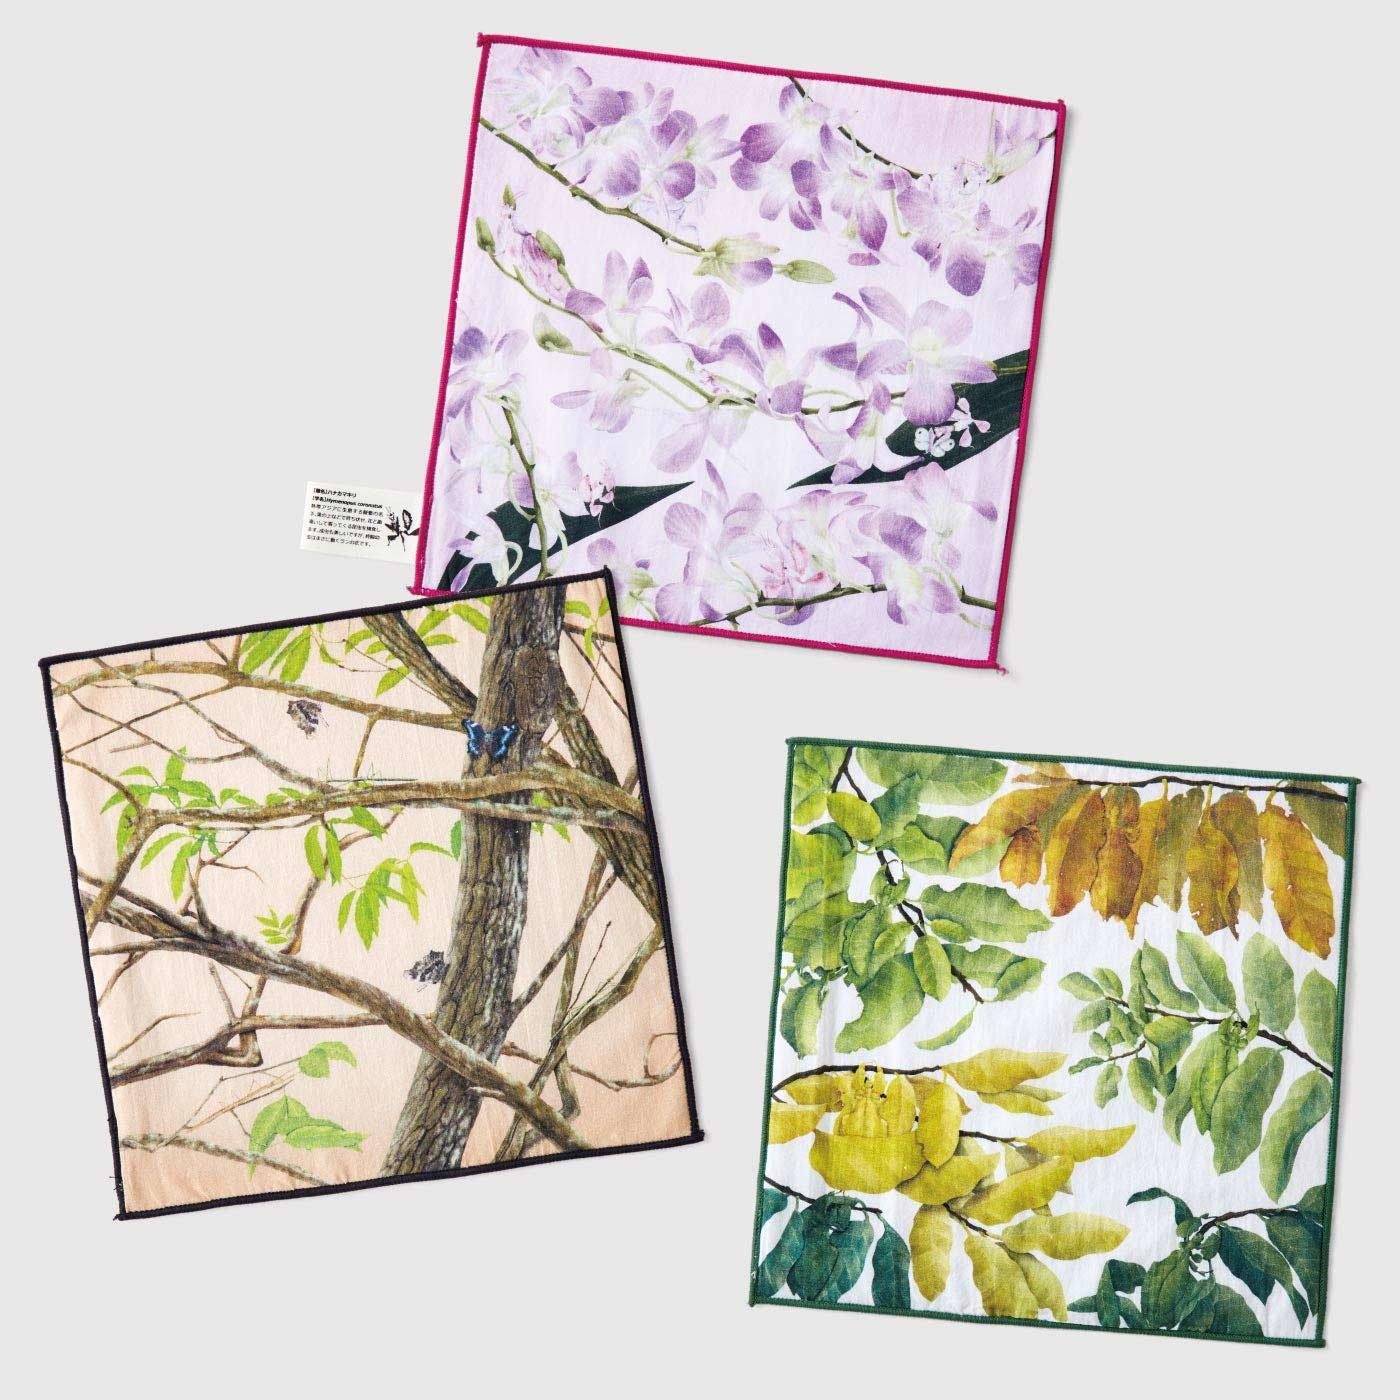 フェリシモミュージアム部 ボタニカルアートな雰囲気を楽しむ 擬態(ぎたい)昆虫ハンカチの会